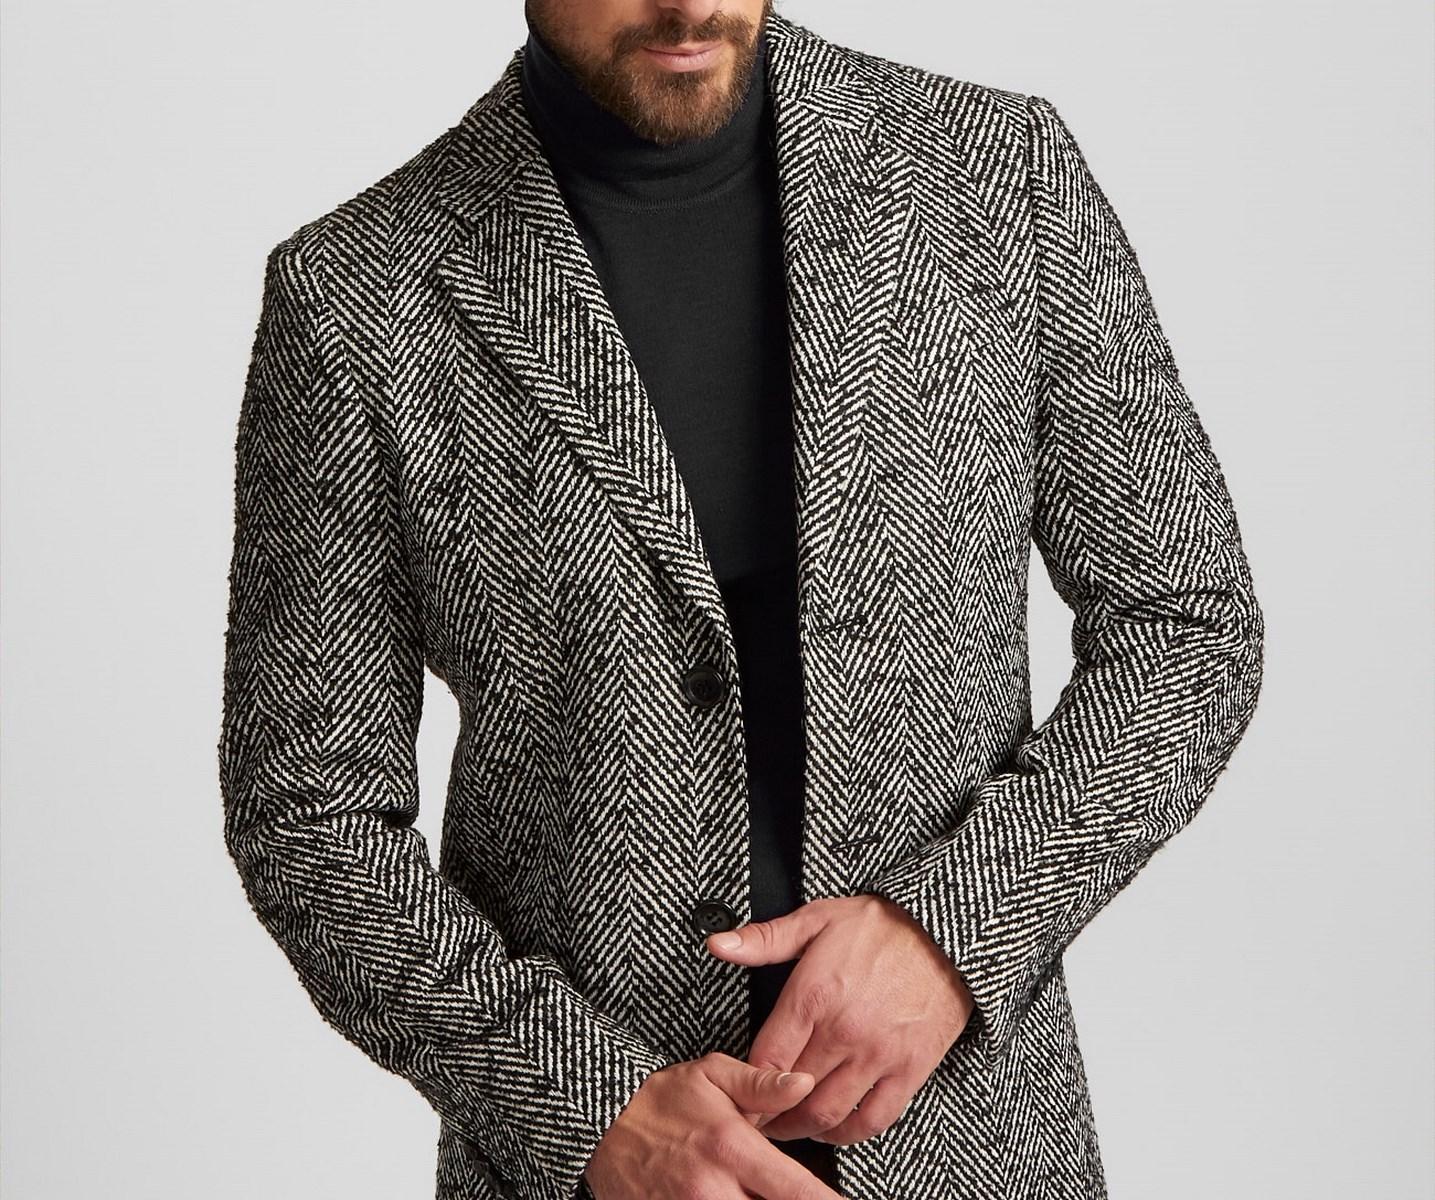 Cappotto moda uomo Digel Slim Fit spigato Grigio e Nero misto lana ... fb76a0fb1bc